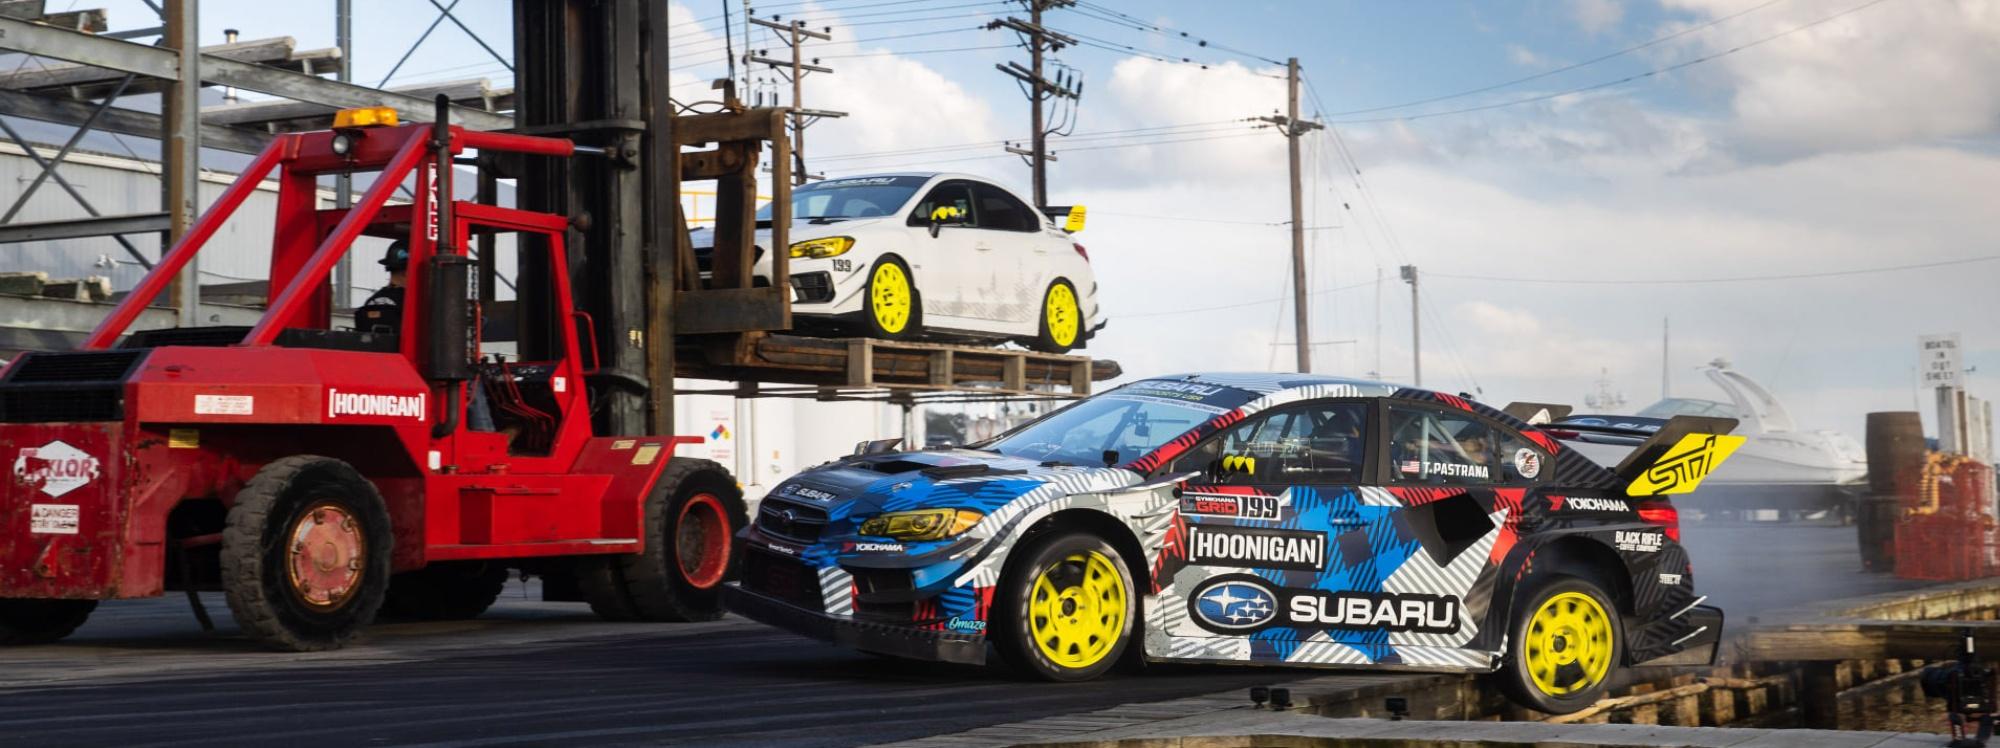 Subaru grabó la mejor publicidad de autos de la historia